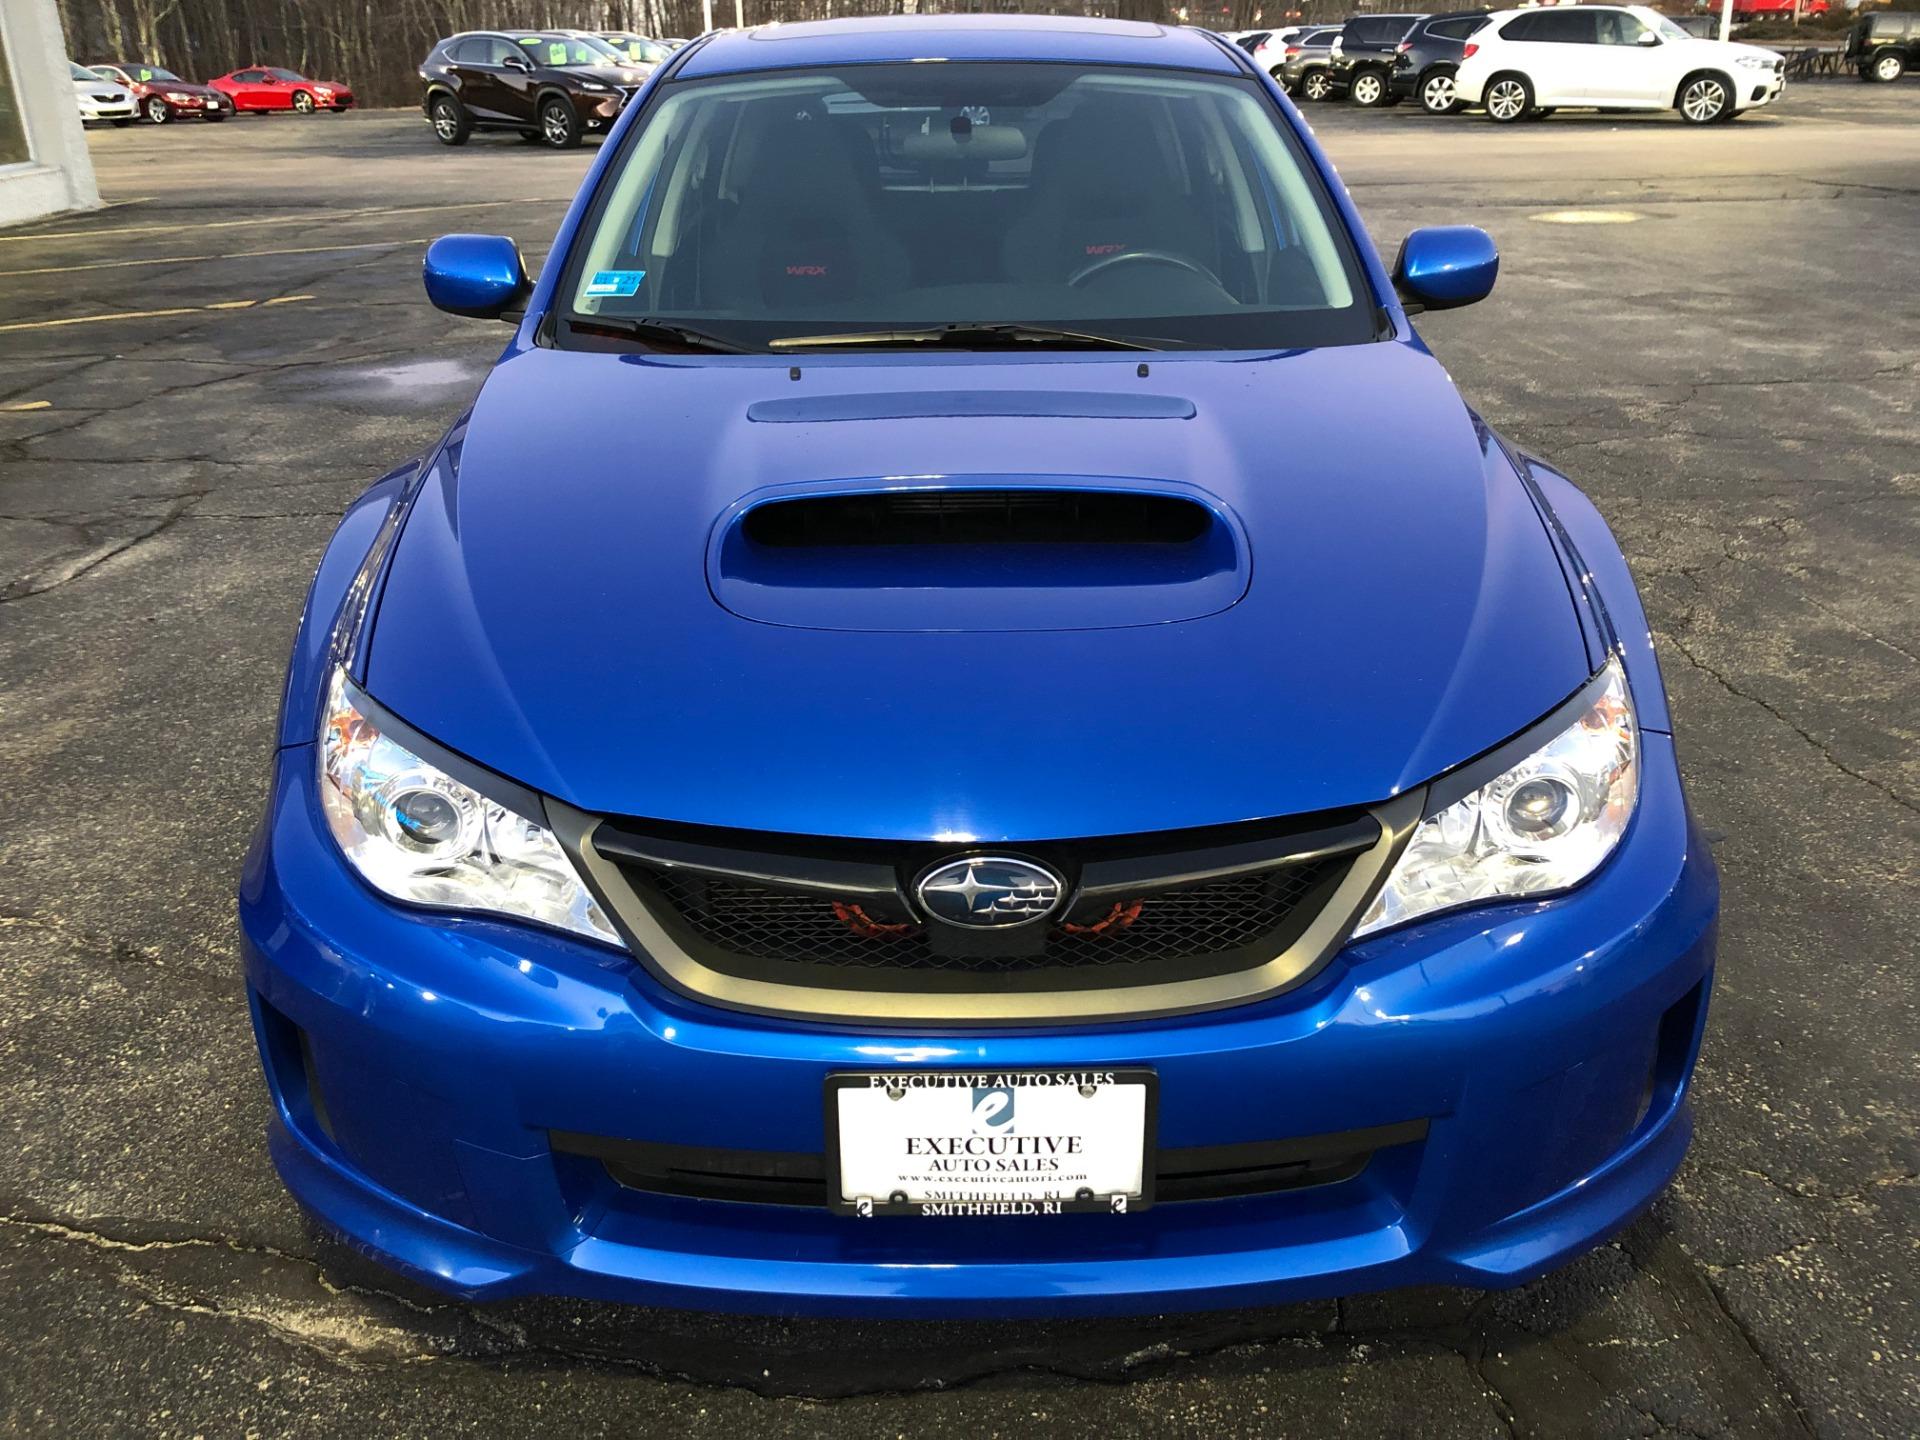 Used 2014 Subaru Impreza Wrx Wrx For Sale 17 985